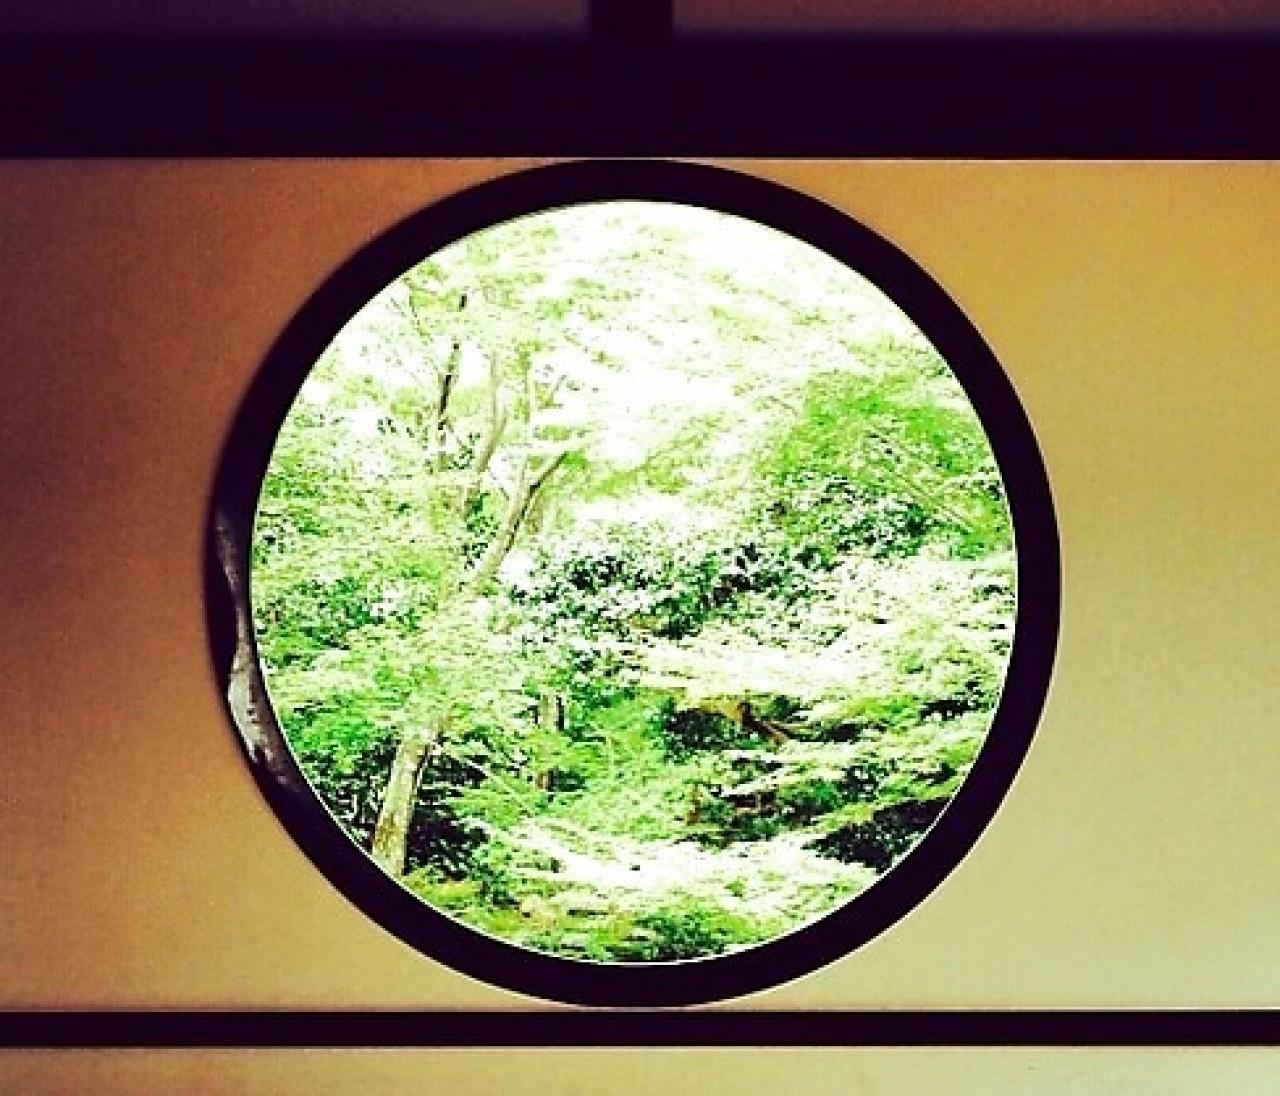 源光庵,『悟りの窓』と『迷いの窓』